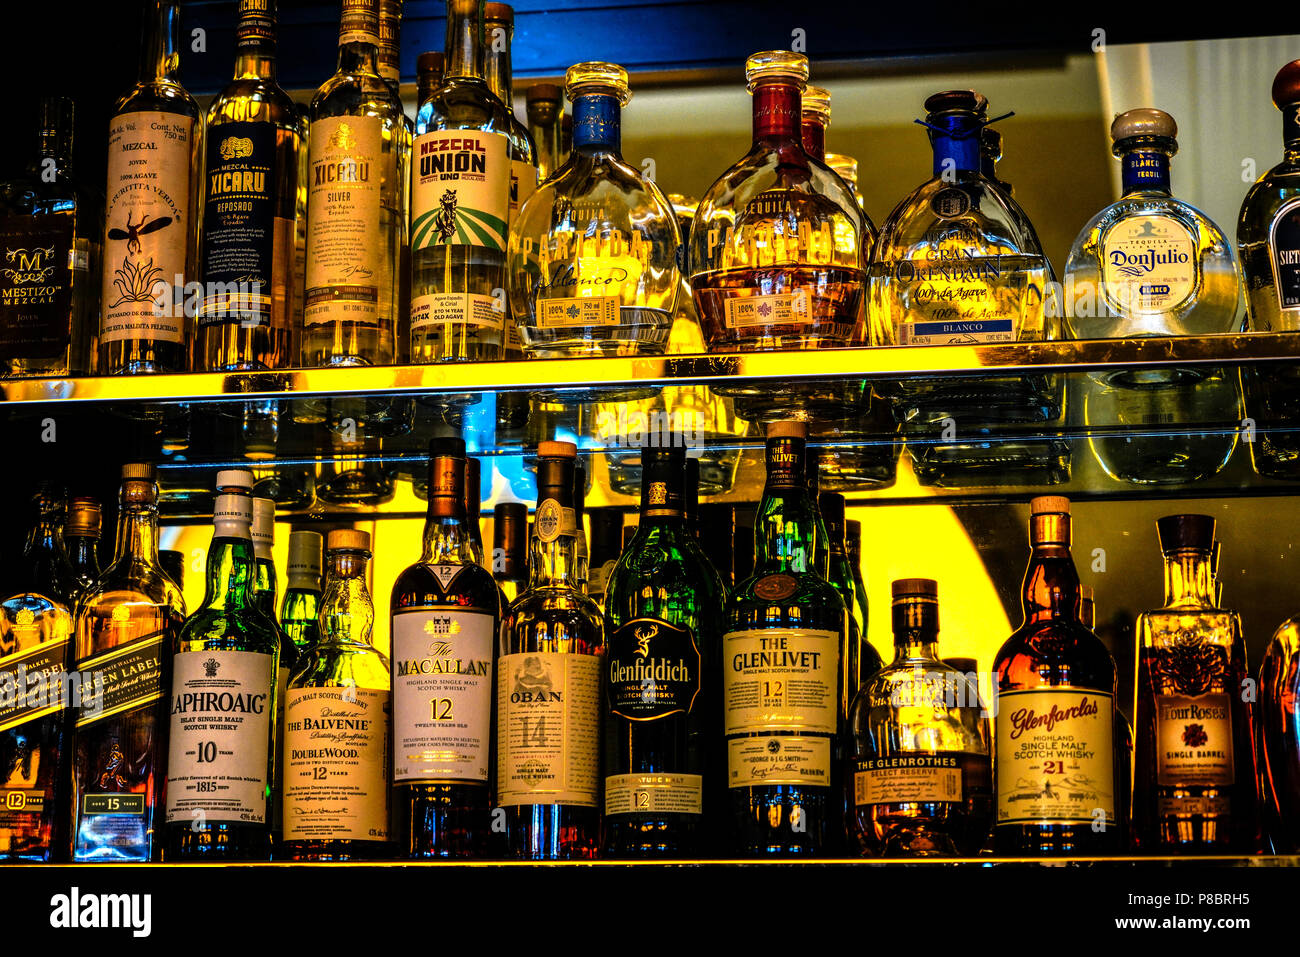 whiskey bottles on bar shelves Stock Photo: 211701649 - Alamy